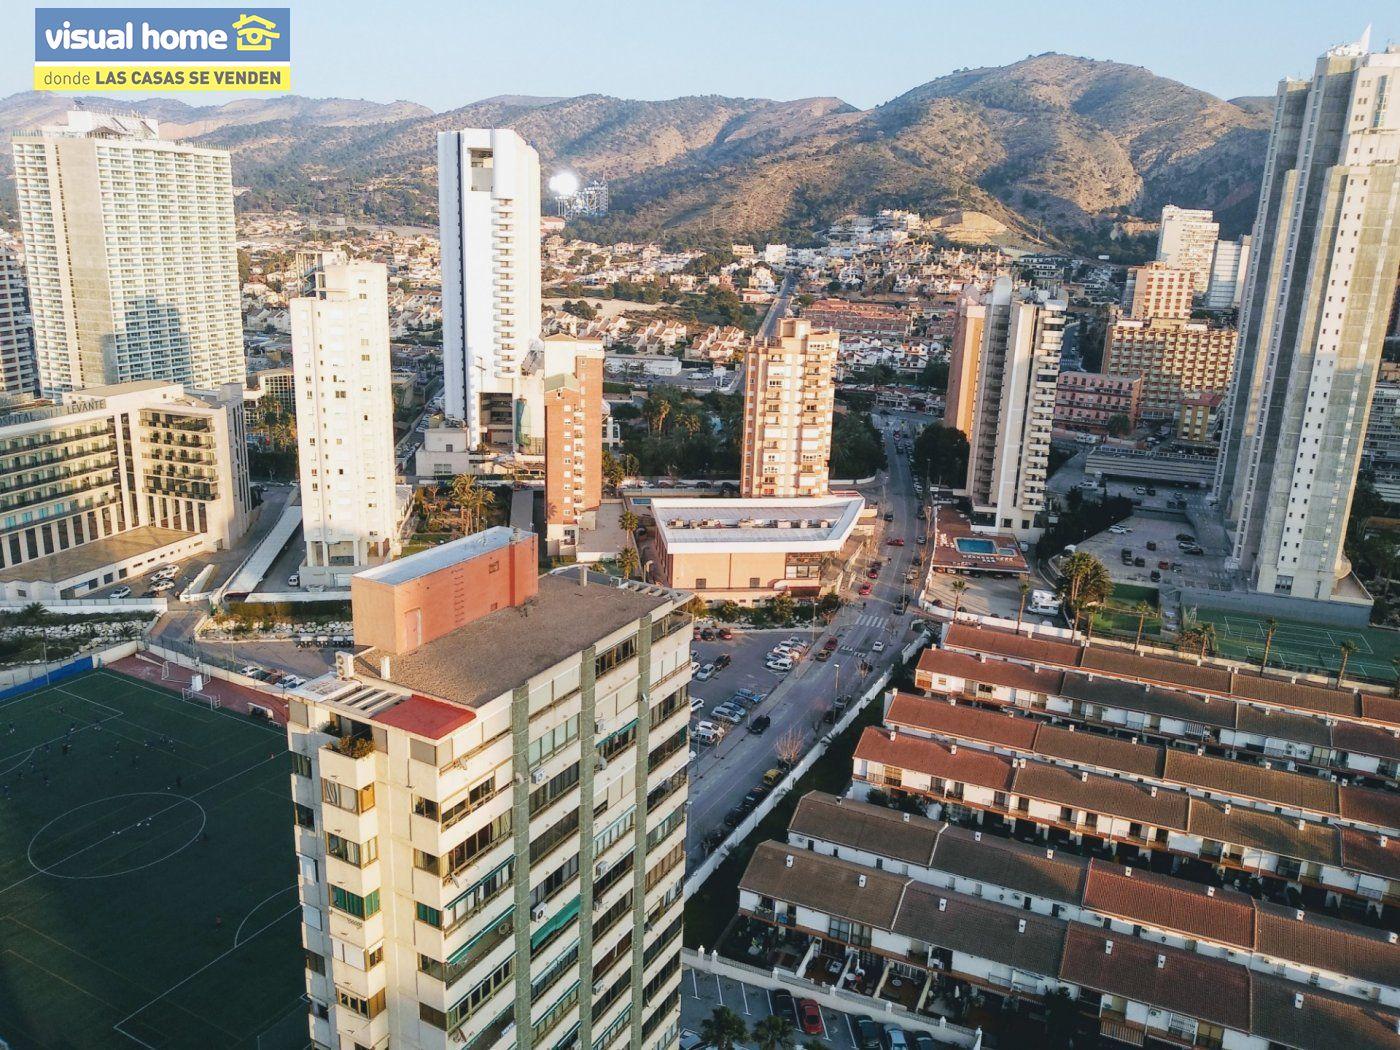 Apartamento 1 dormitorio con vistas espectaculares con parking y piscina en Rincón de Loix llano 26